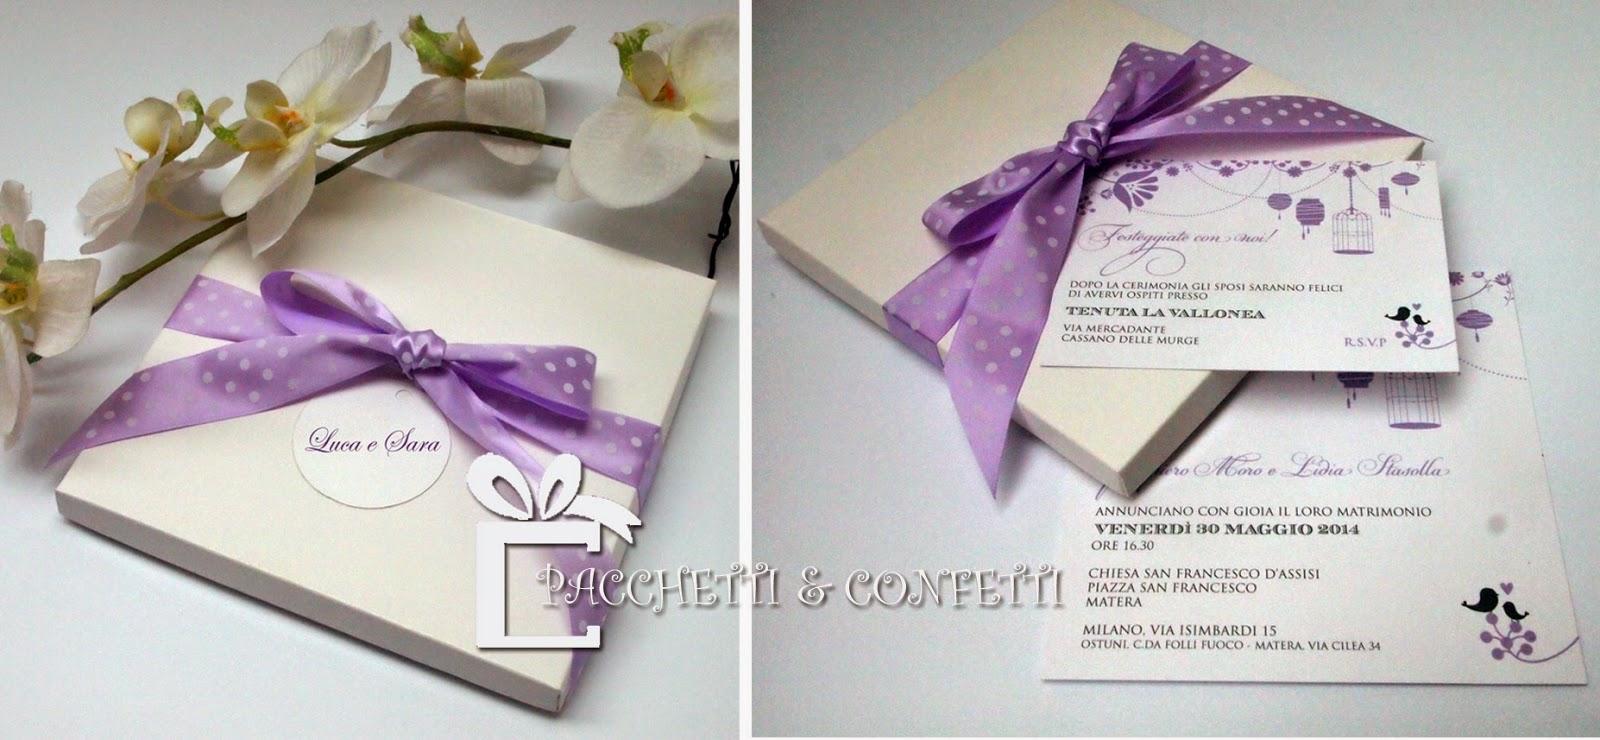 spesso Pacchetti e Confetti: Wedding Shop YB53